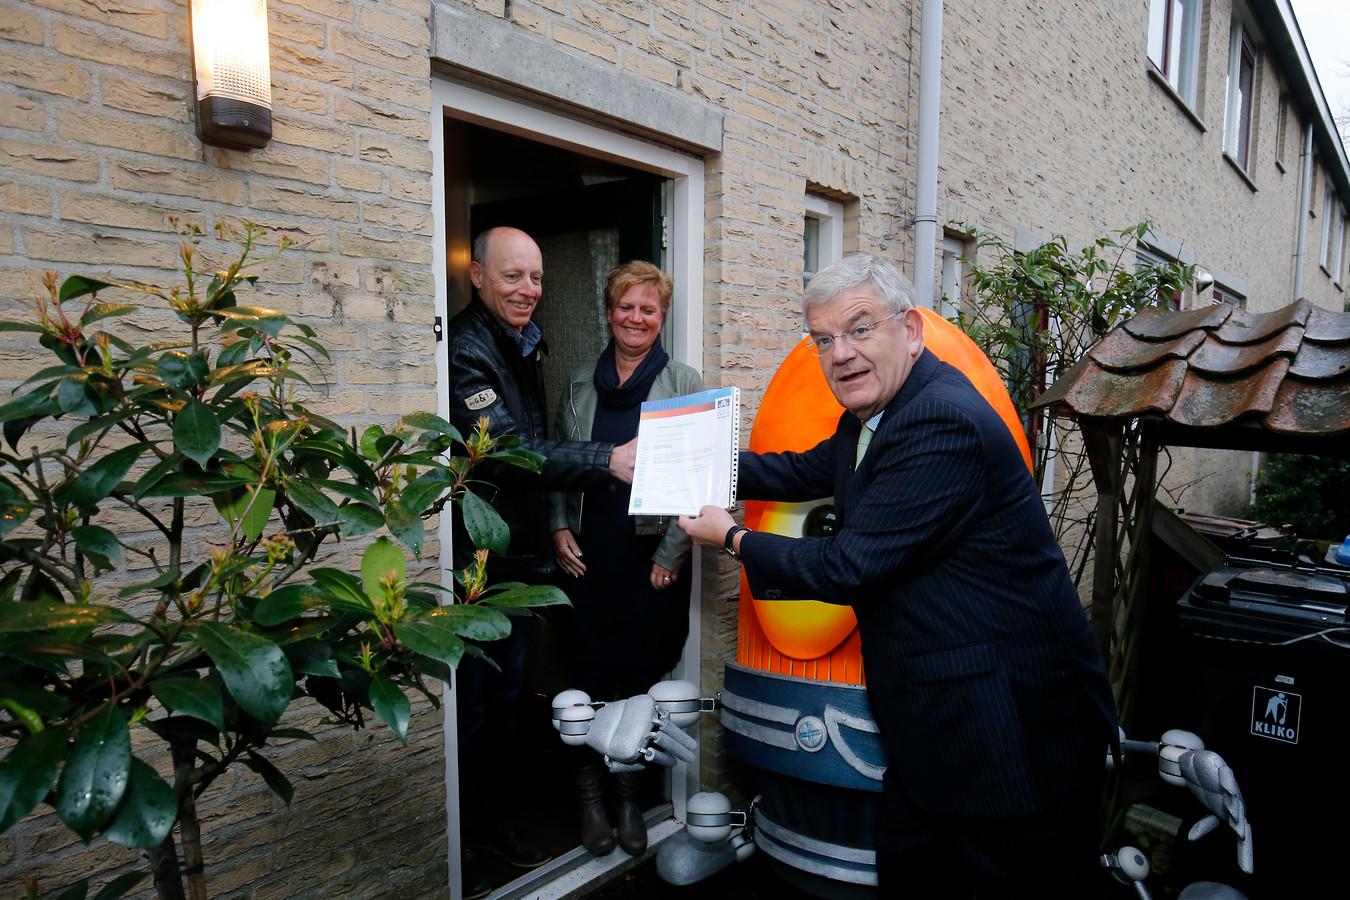 Ruud en Petrina  ontvangen uit handen van burgemeester Jan van Zanen het politiekeurmerk Veilig Wonen. Recent is er bij de bewoners ingebroken. De woning is nu voorzien van veilige sloten, gesubsidieerd door de gemeente Utrecht.